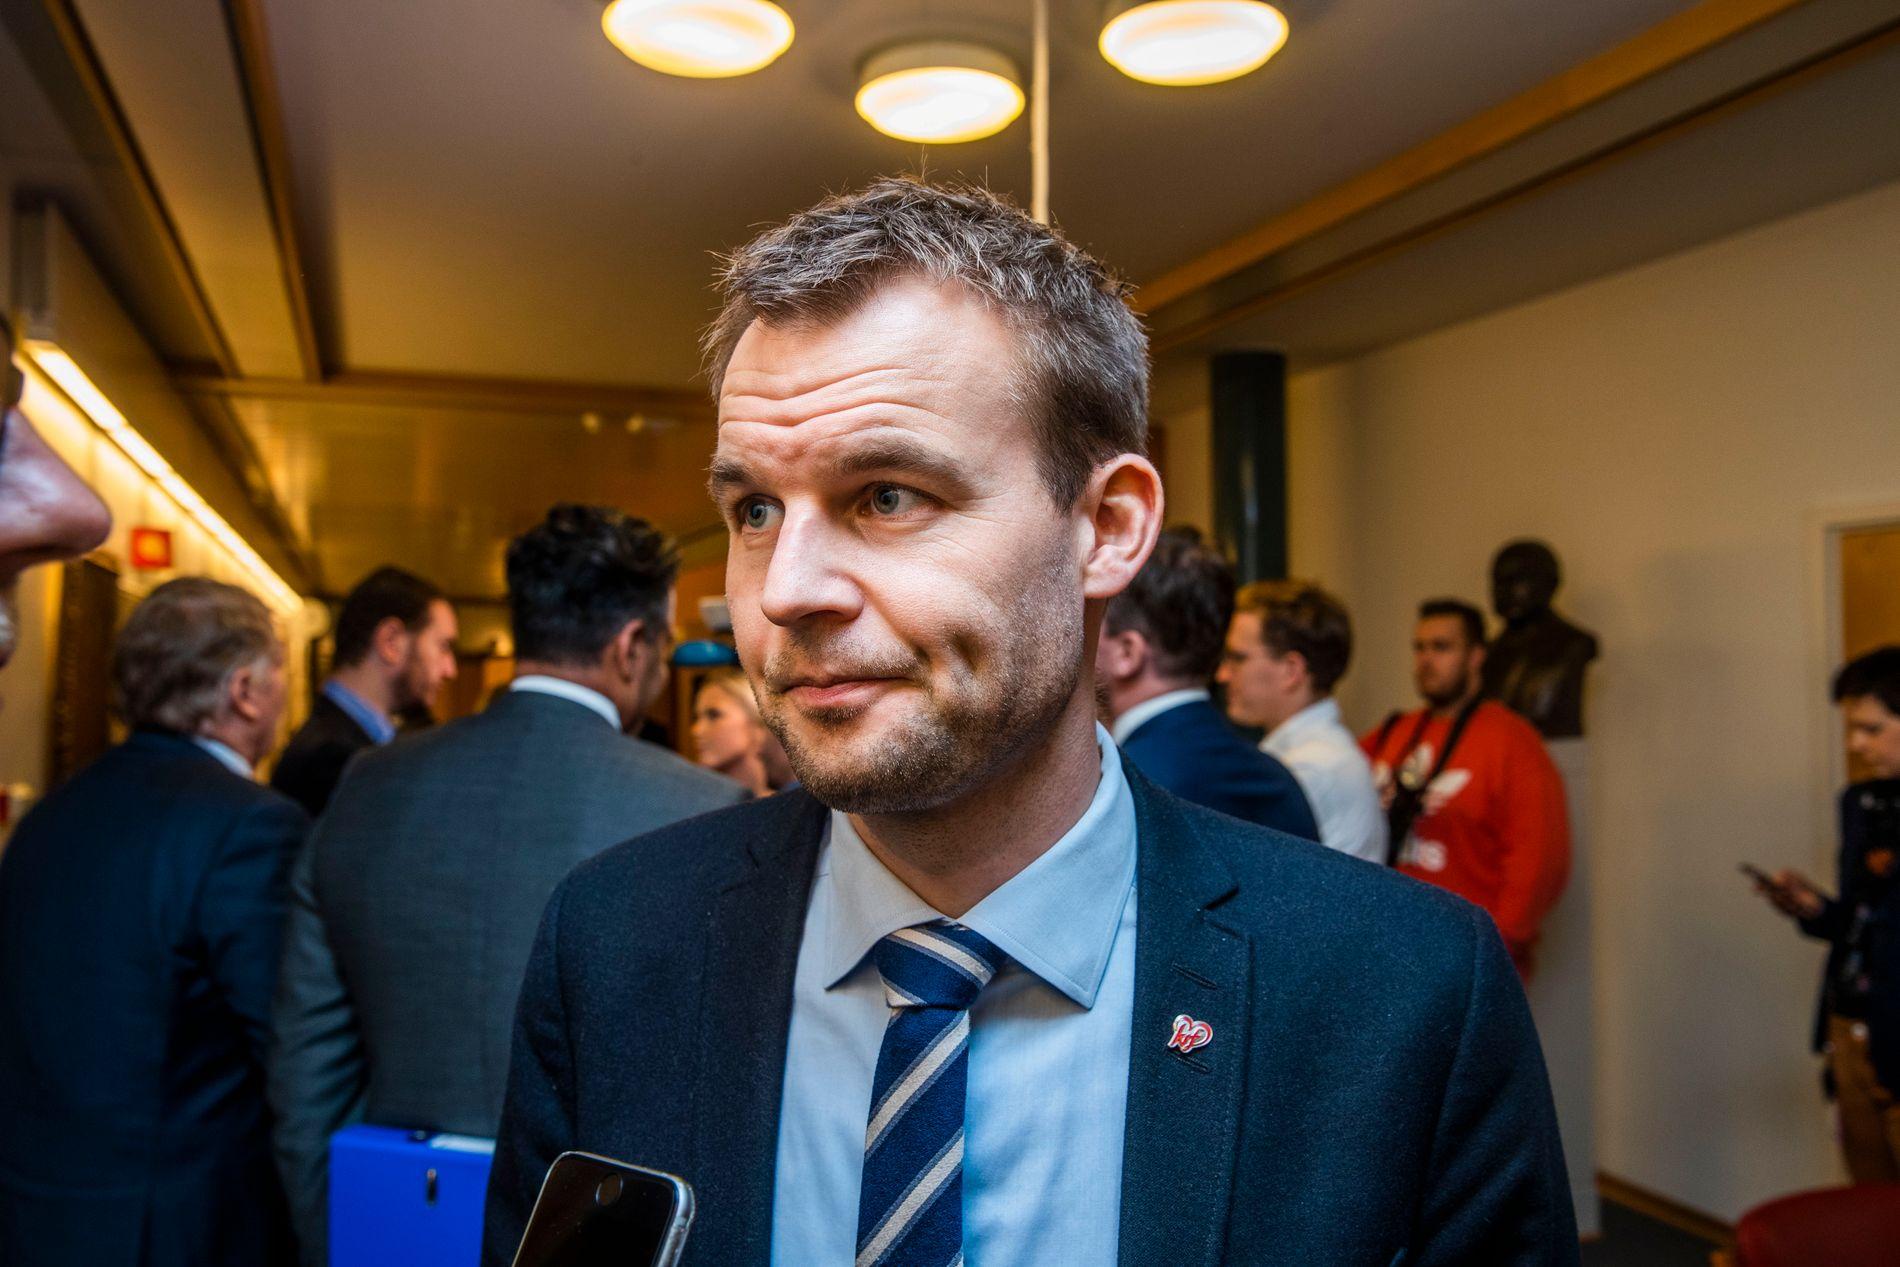 STATSRÅD: Barne- og familieminister Kjell Ingolf Ropstad.